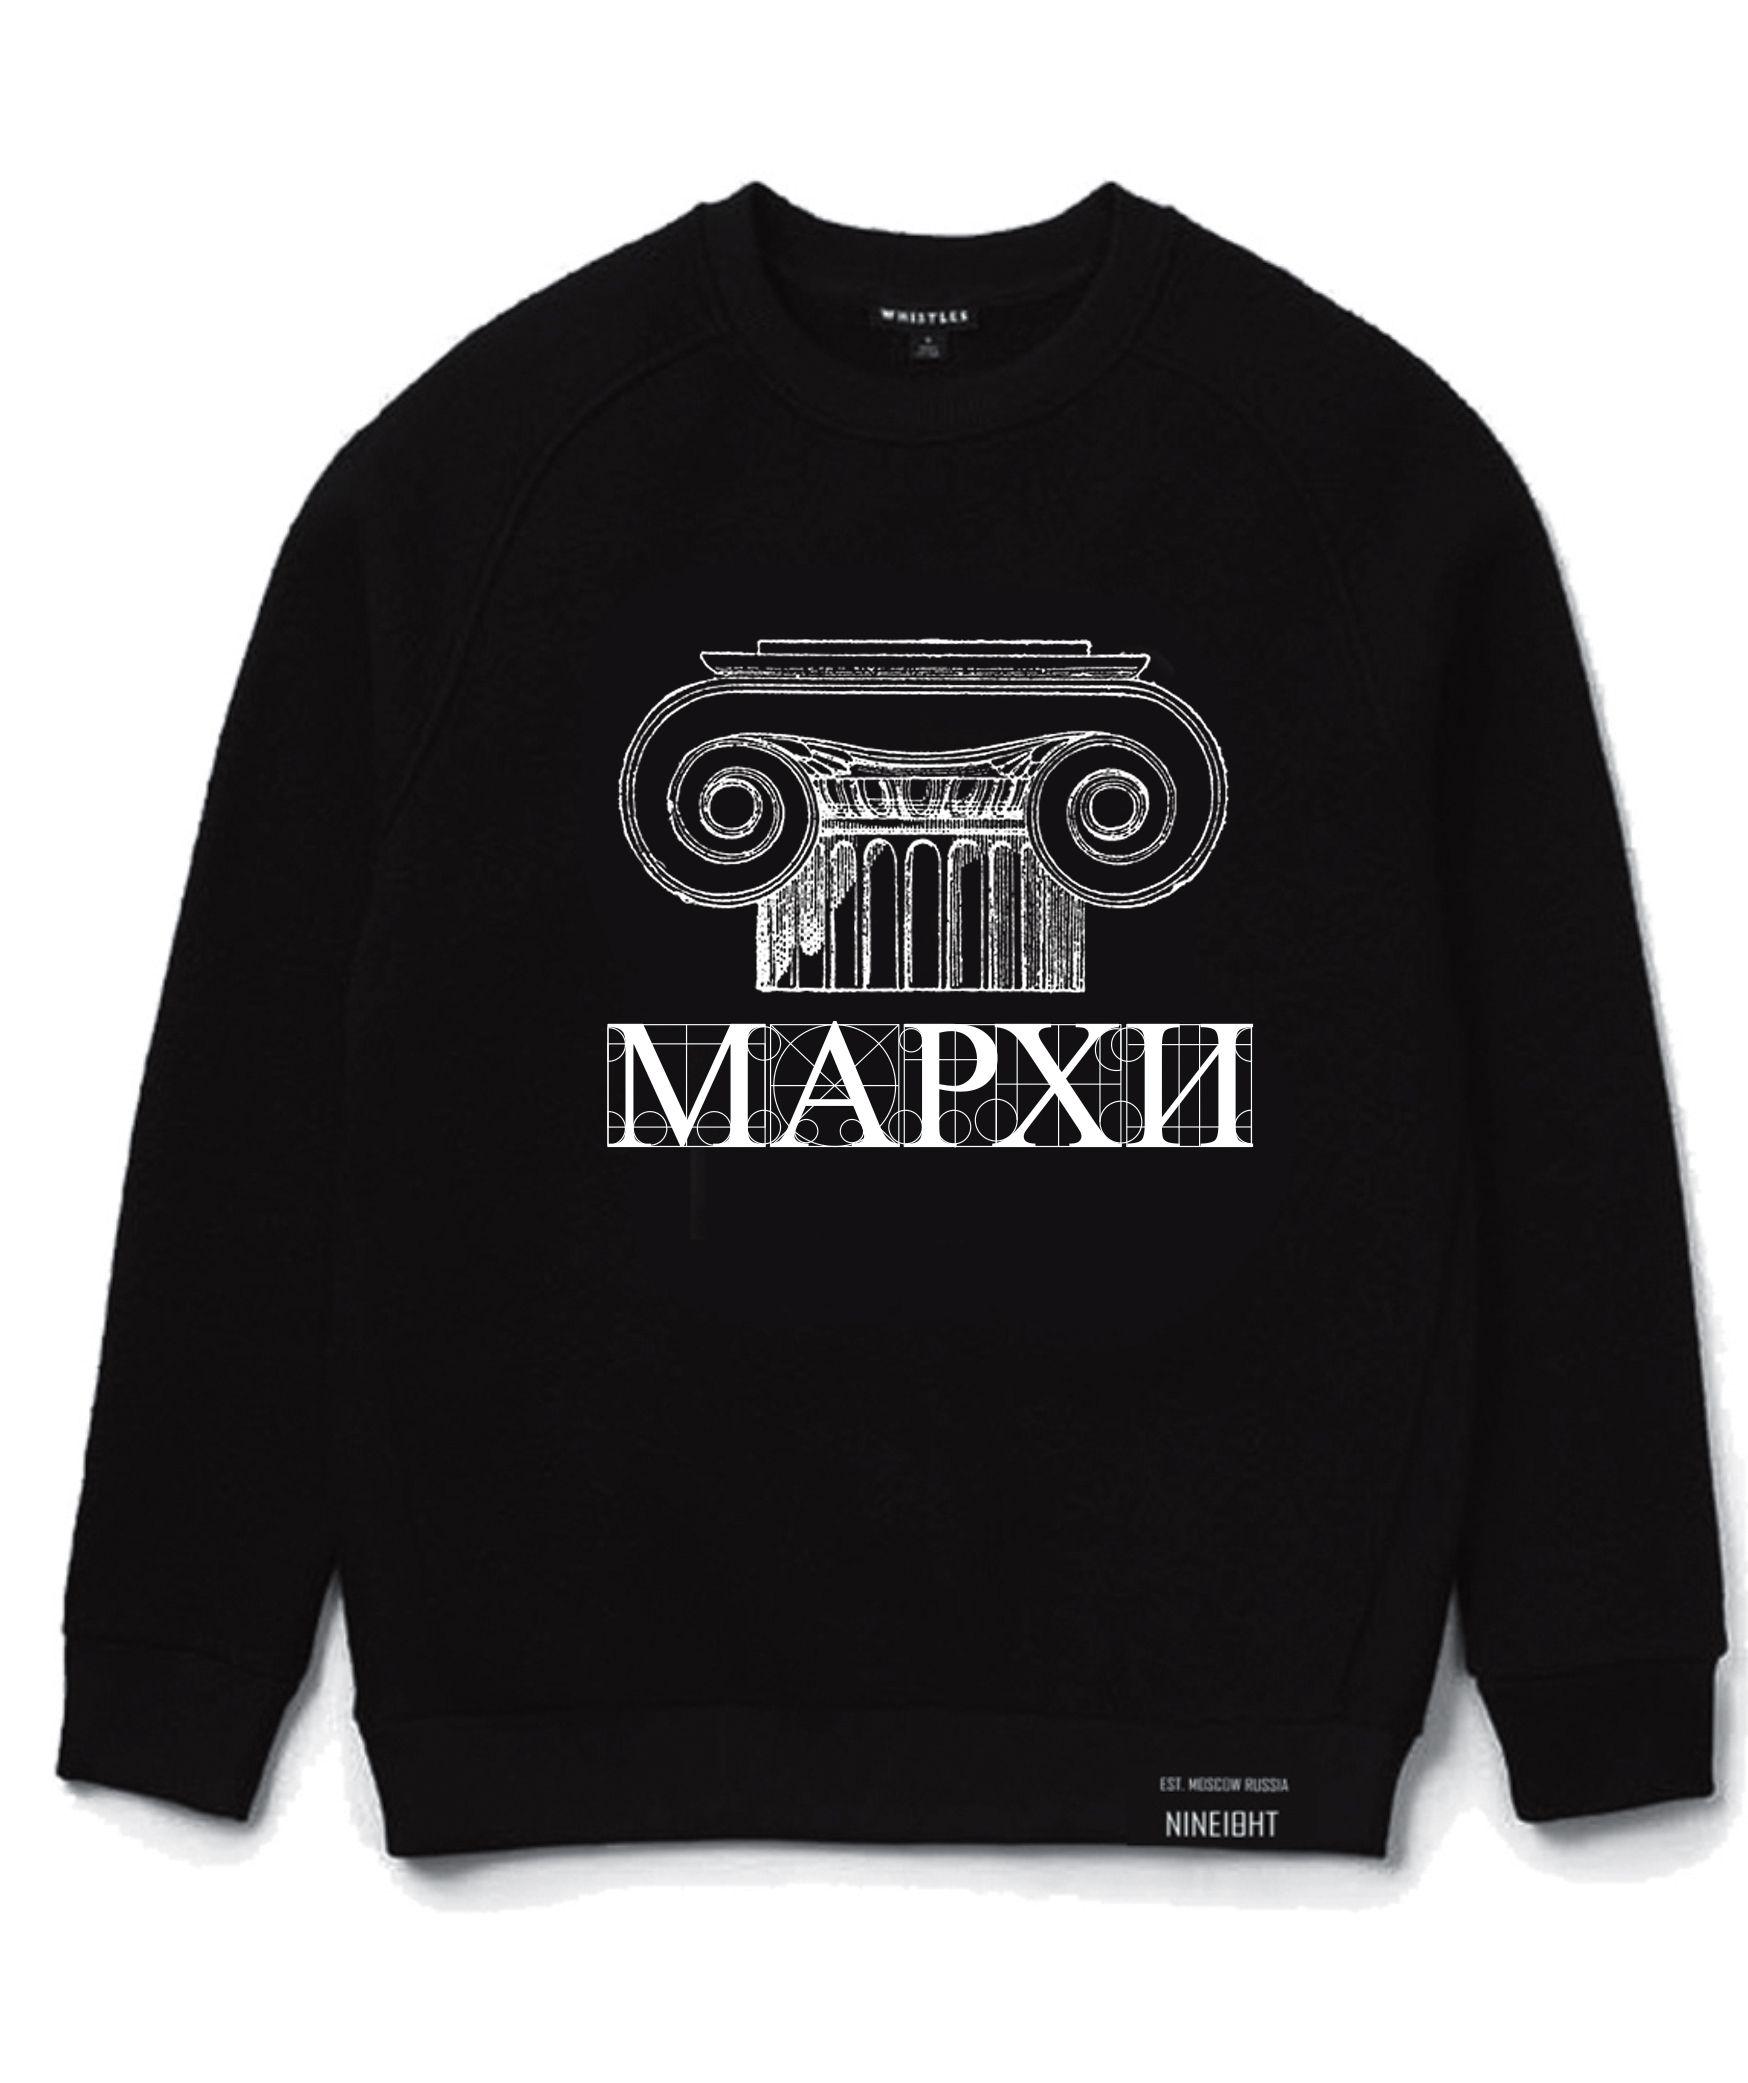 Разработка дизайна кофт для студентов ВУЗов - дизайнер maxkrol